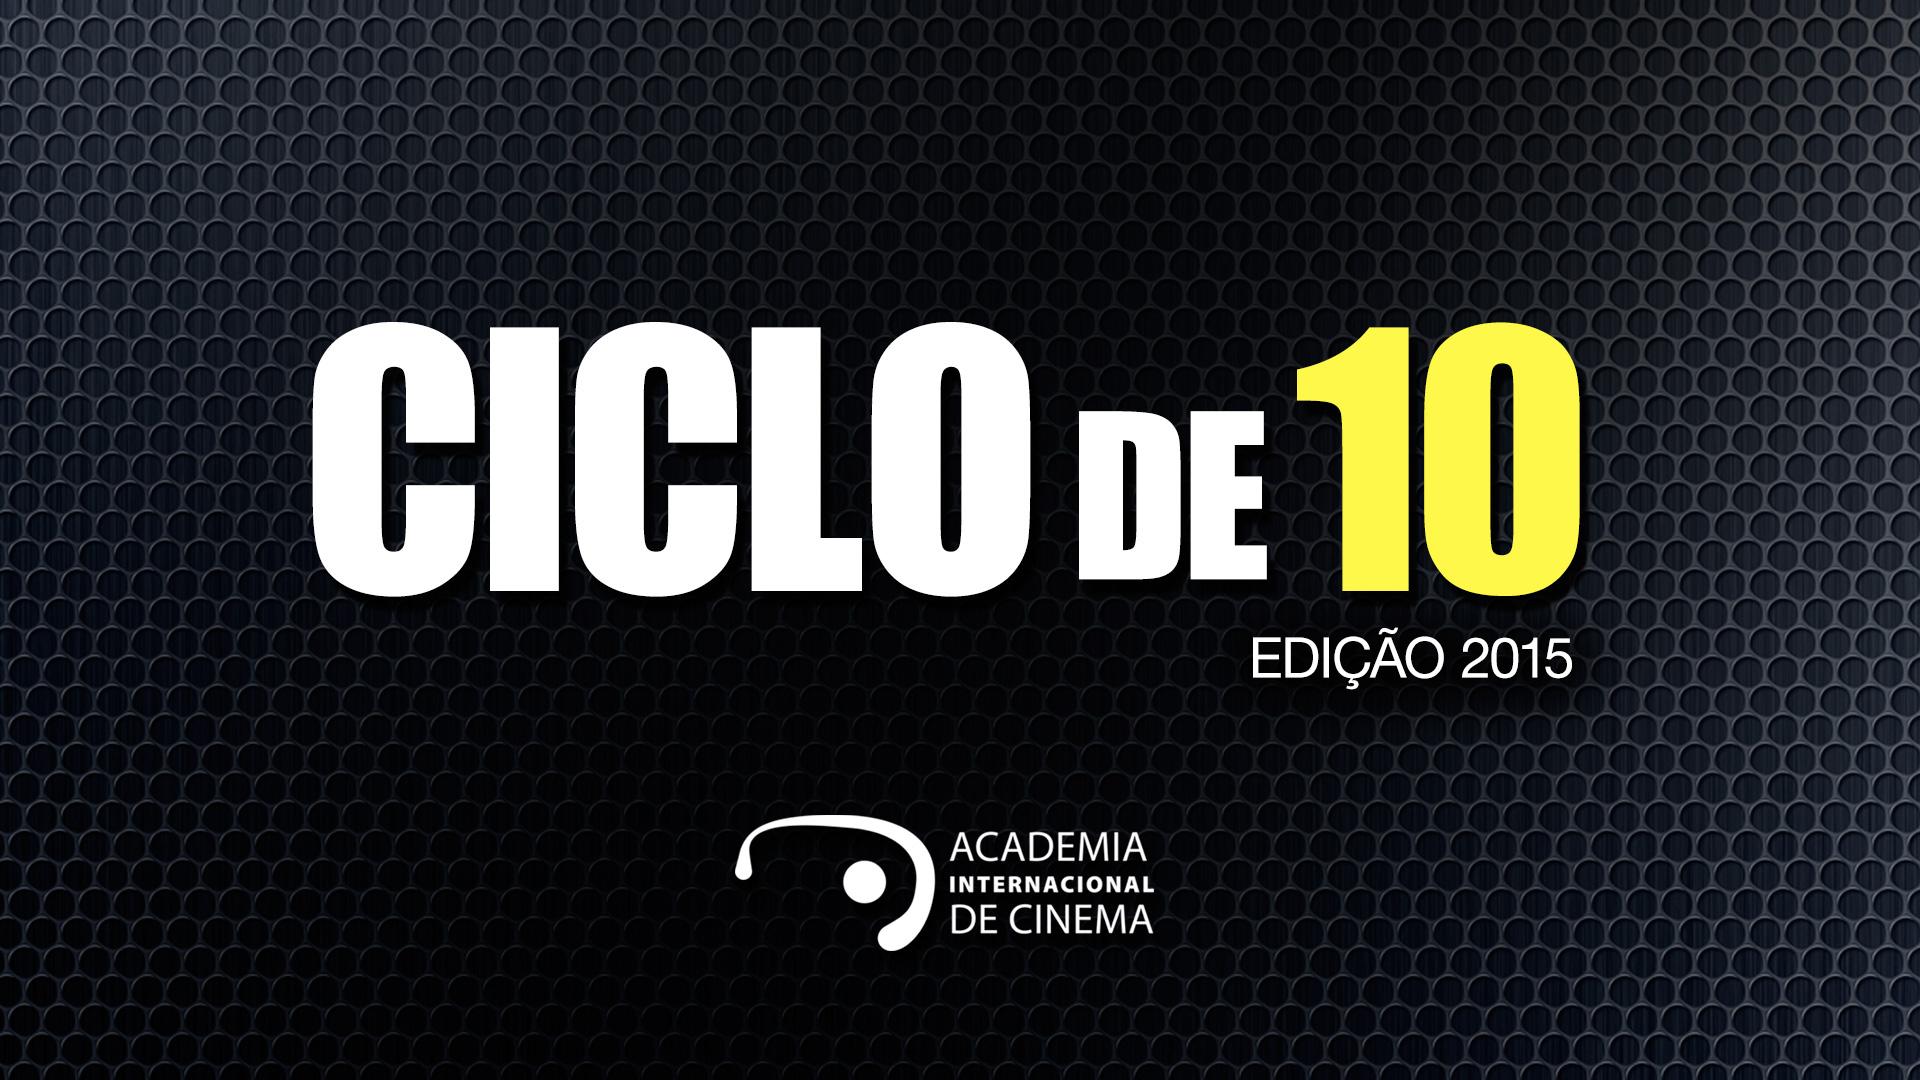 Mostra Ciclo de 10 acontece no próximo dia 16 no Itaú Cultural